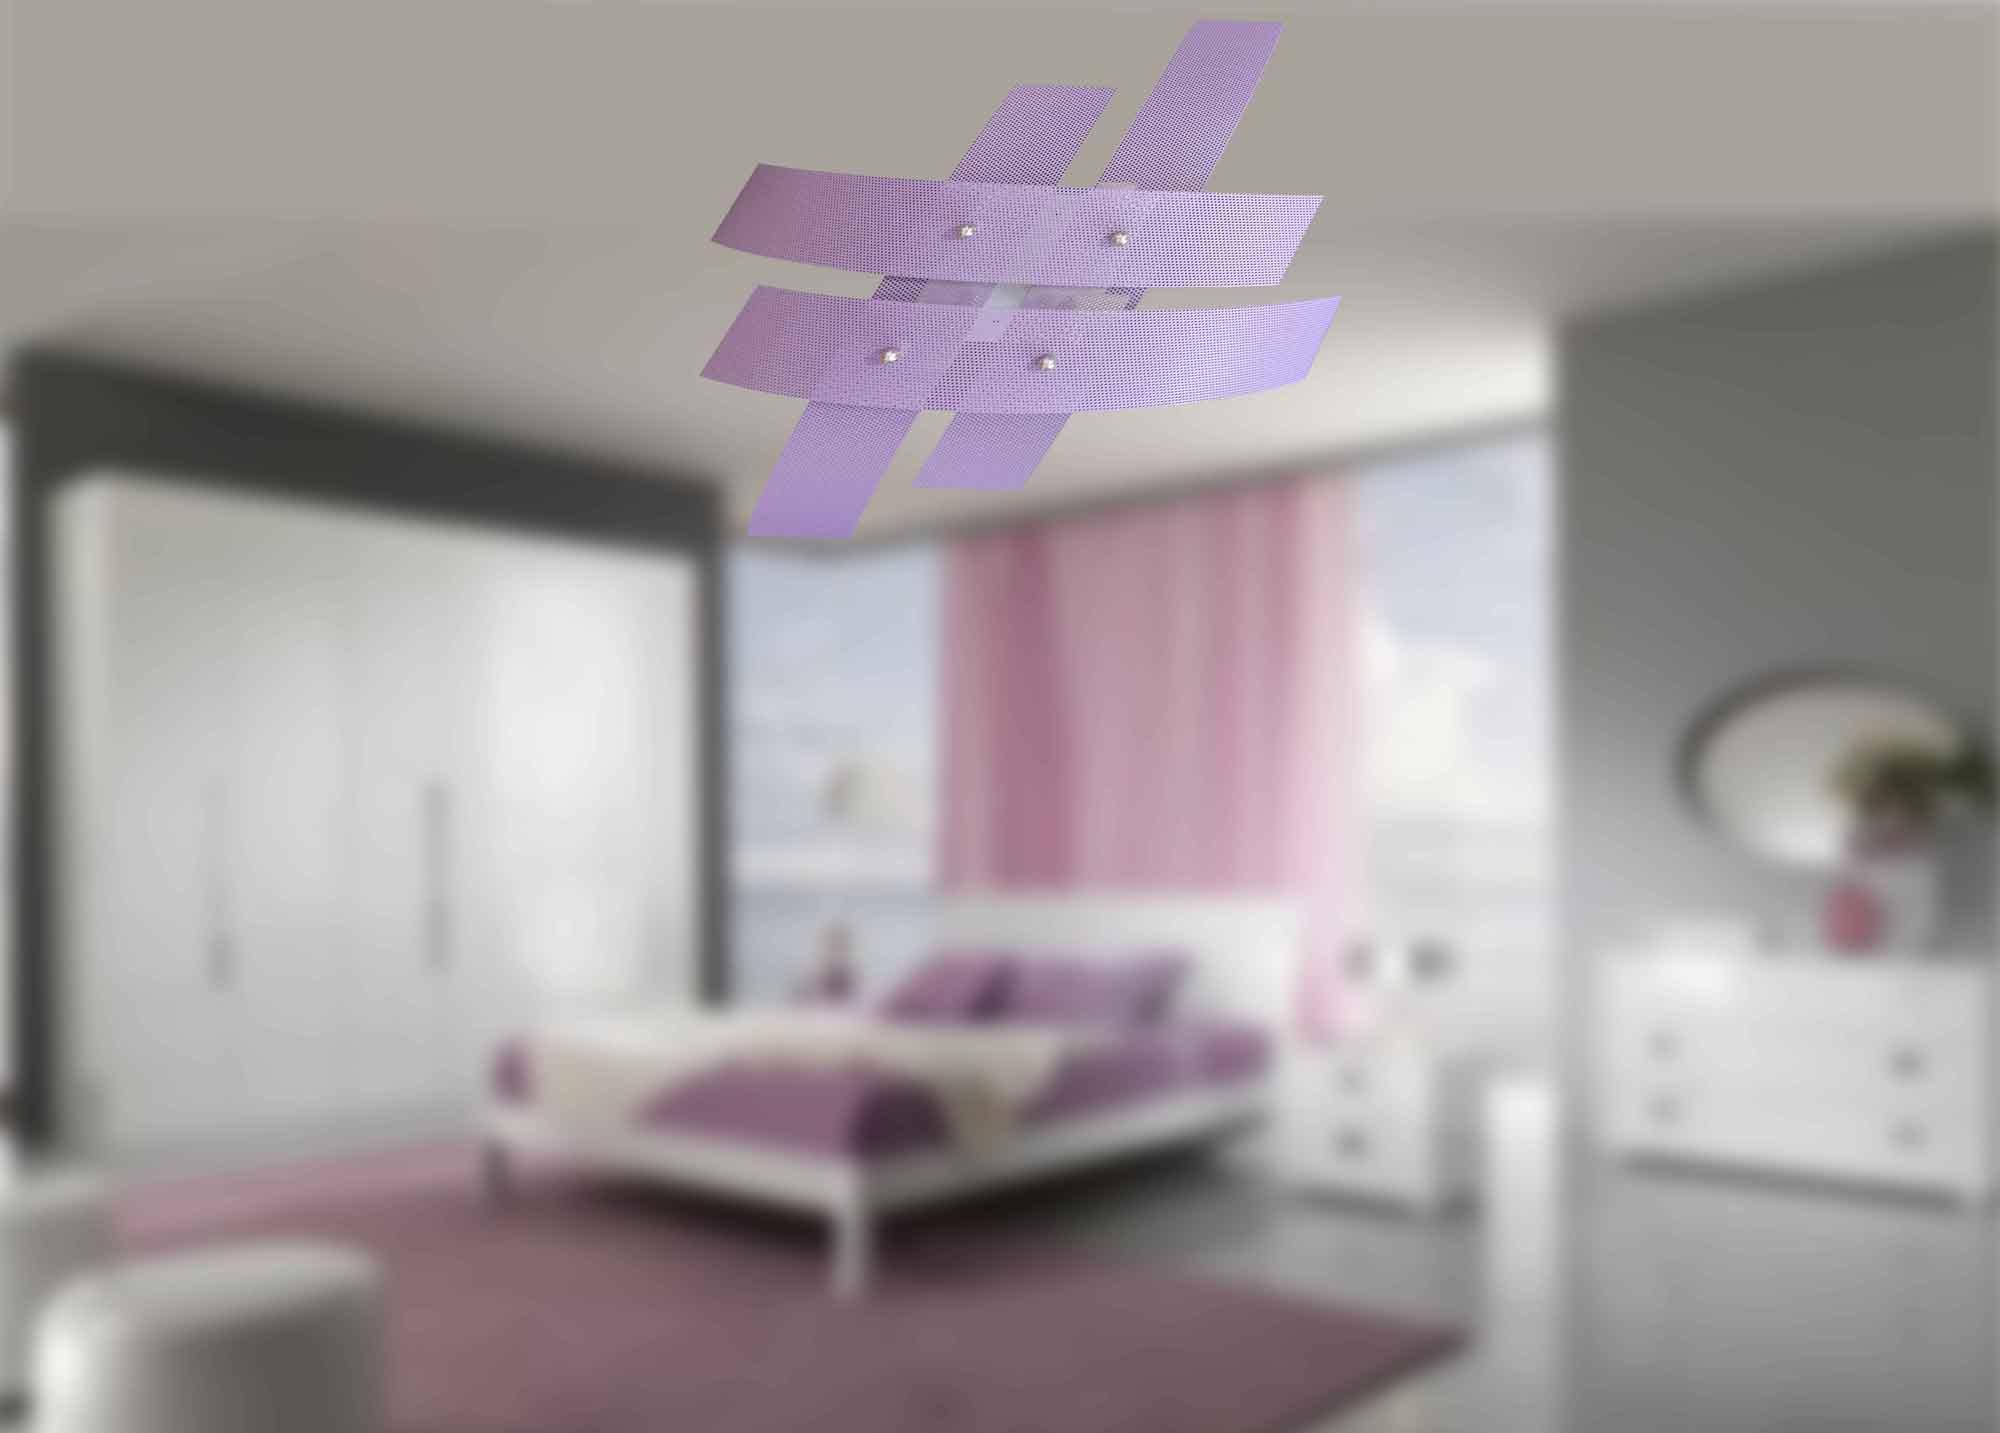 Plafoniere Moderne Per Camerette : Plafoniera 4 luci moderna metallo glicine la luce del futuro